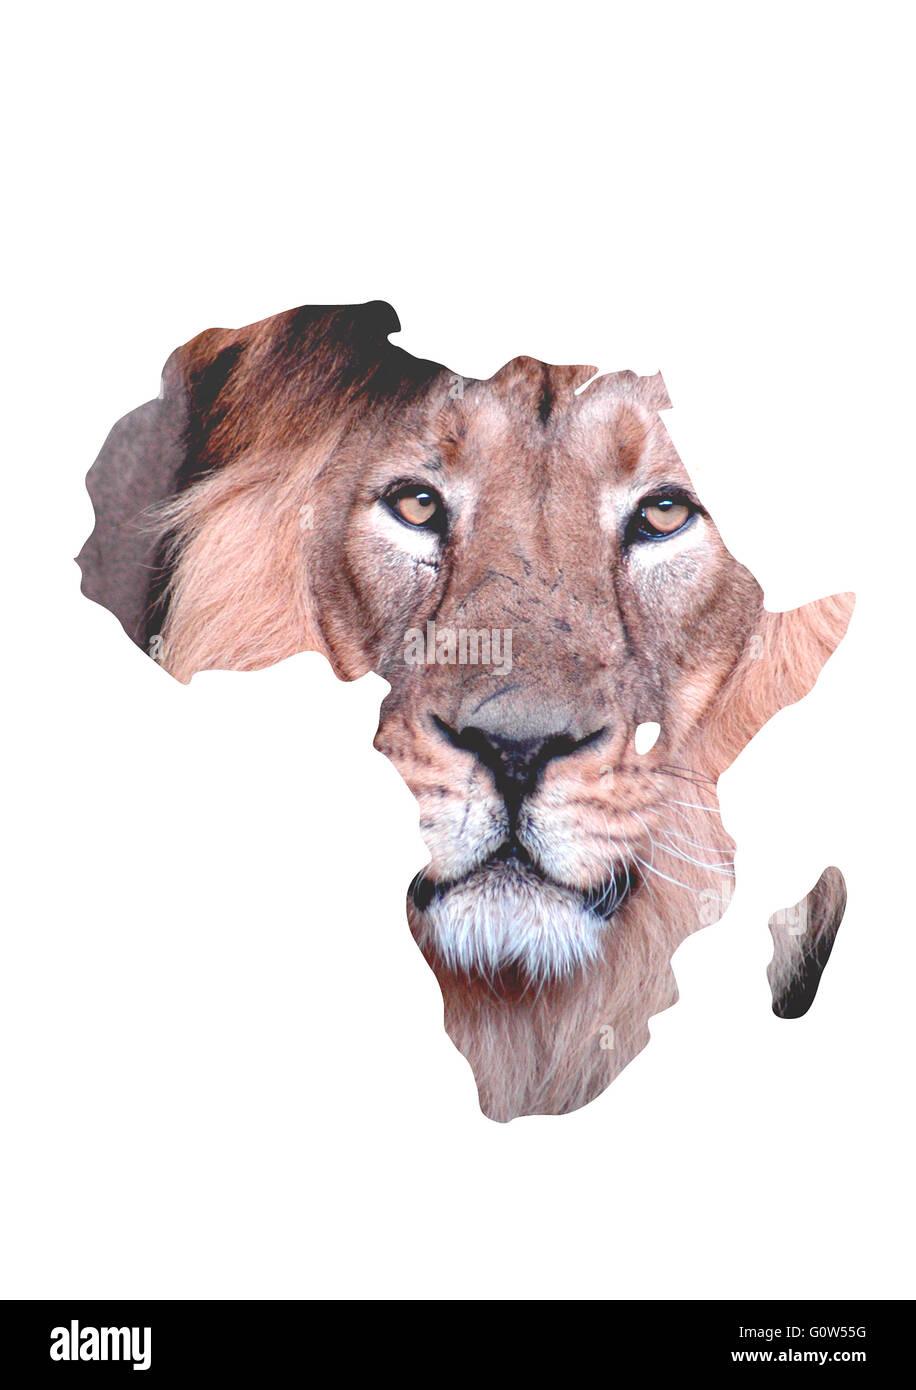 Loewe, Afrika, Symbolbild. - Stock Image